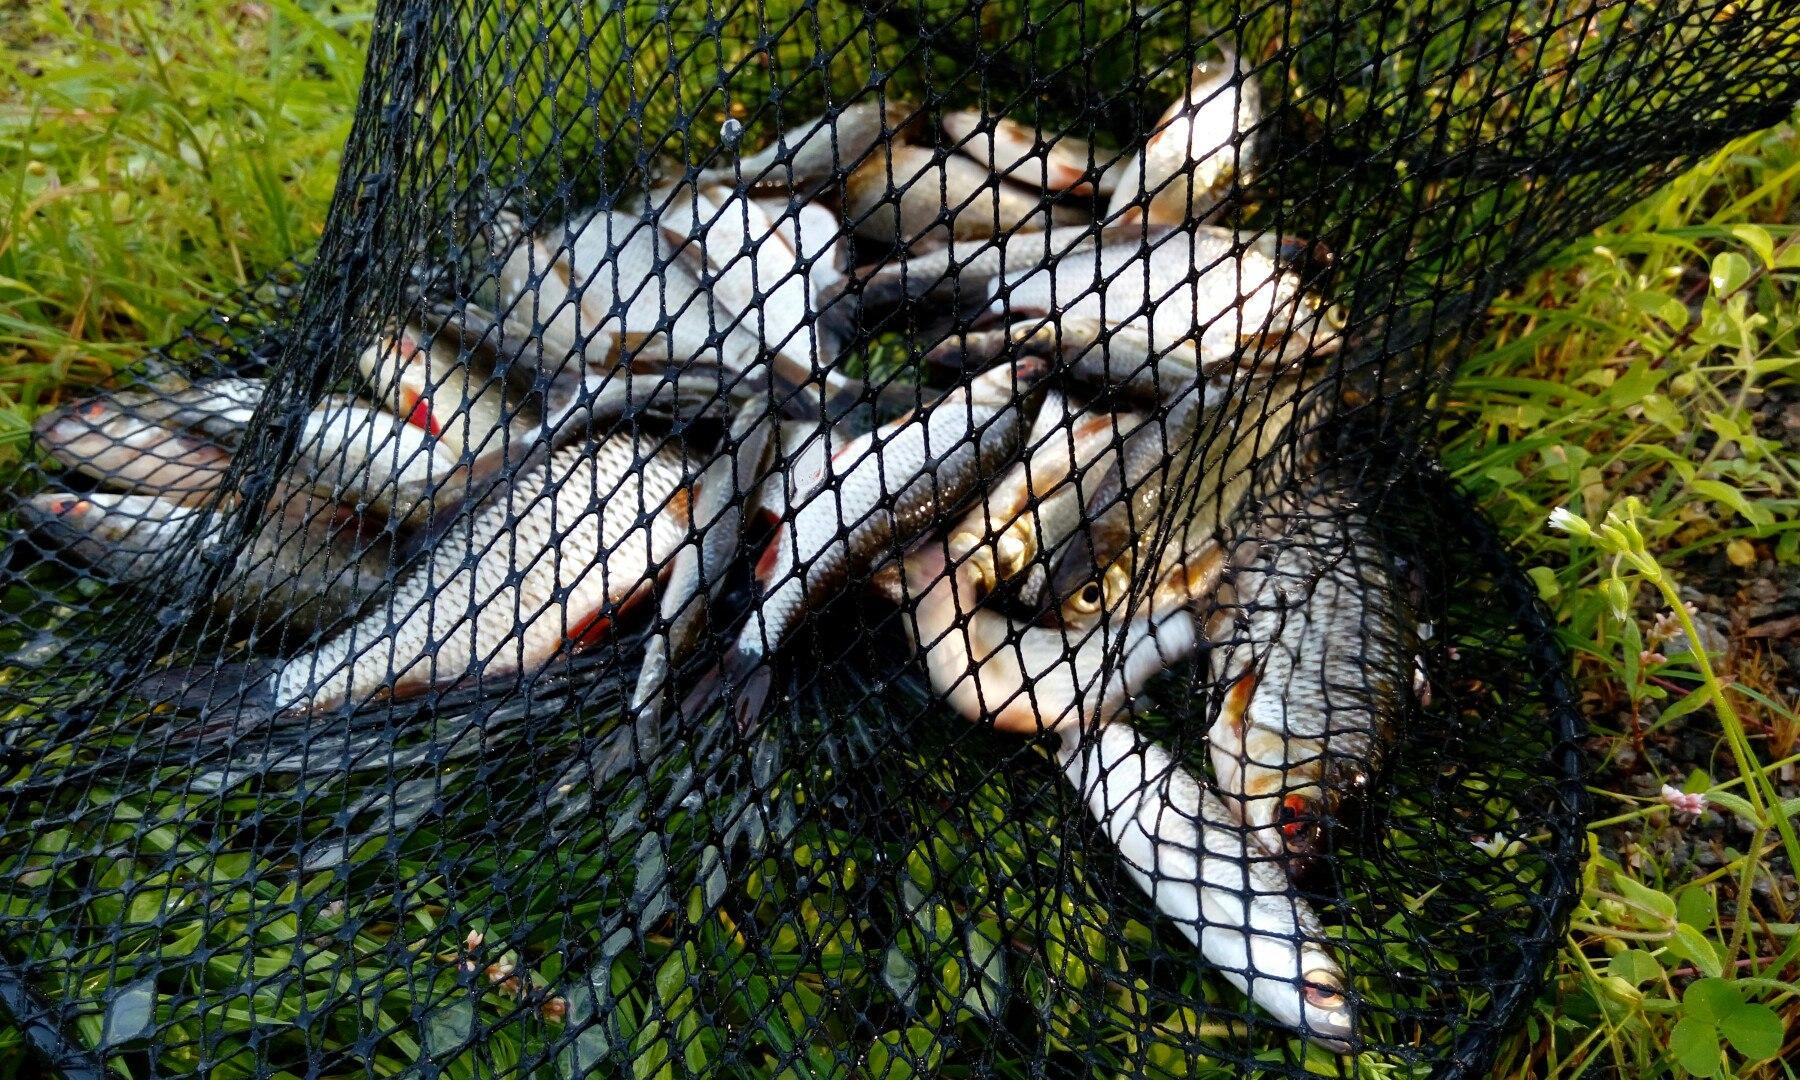 Как же я соскучился по рыбалке, по рыбалке ...   Отчеты о рыбалке в Беларуси